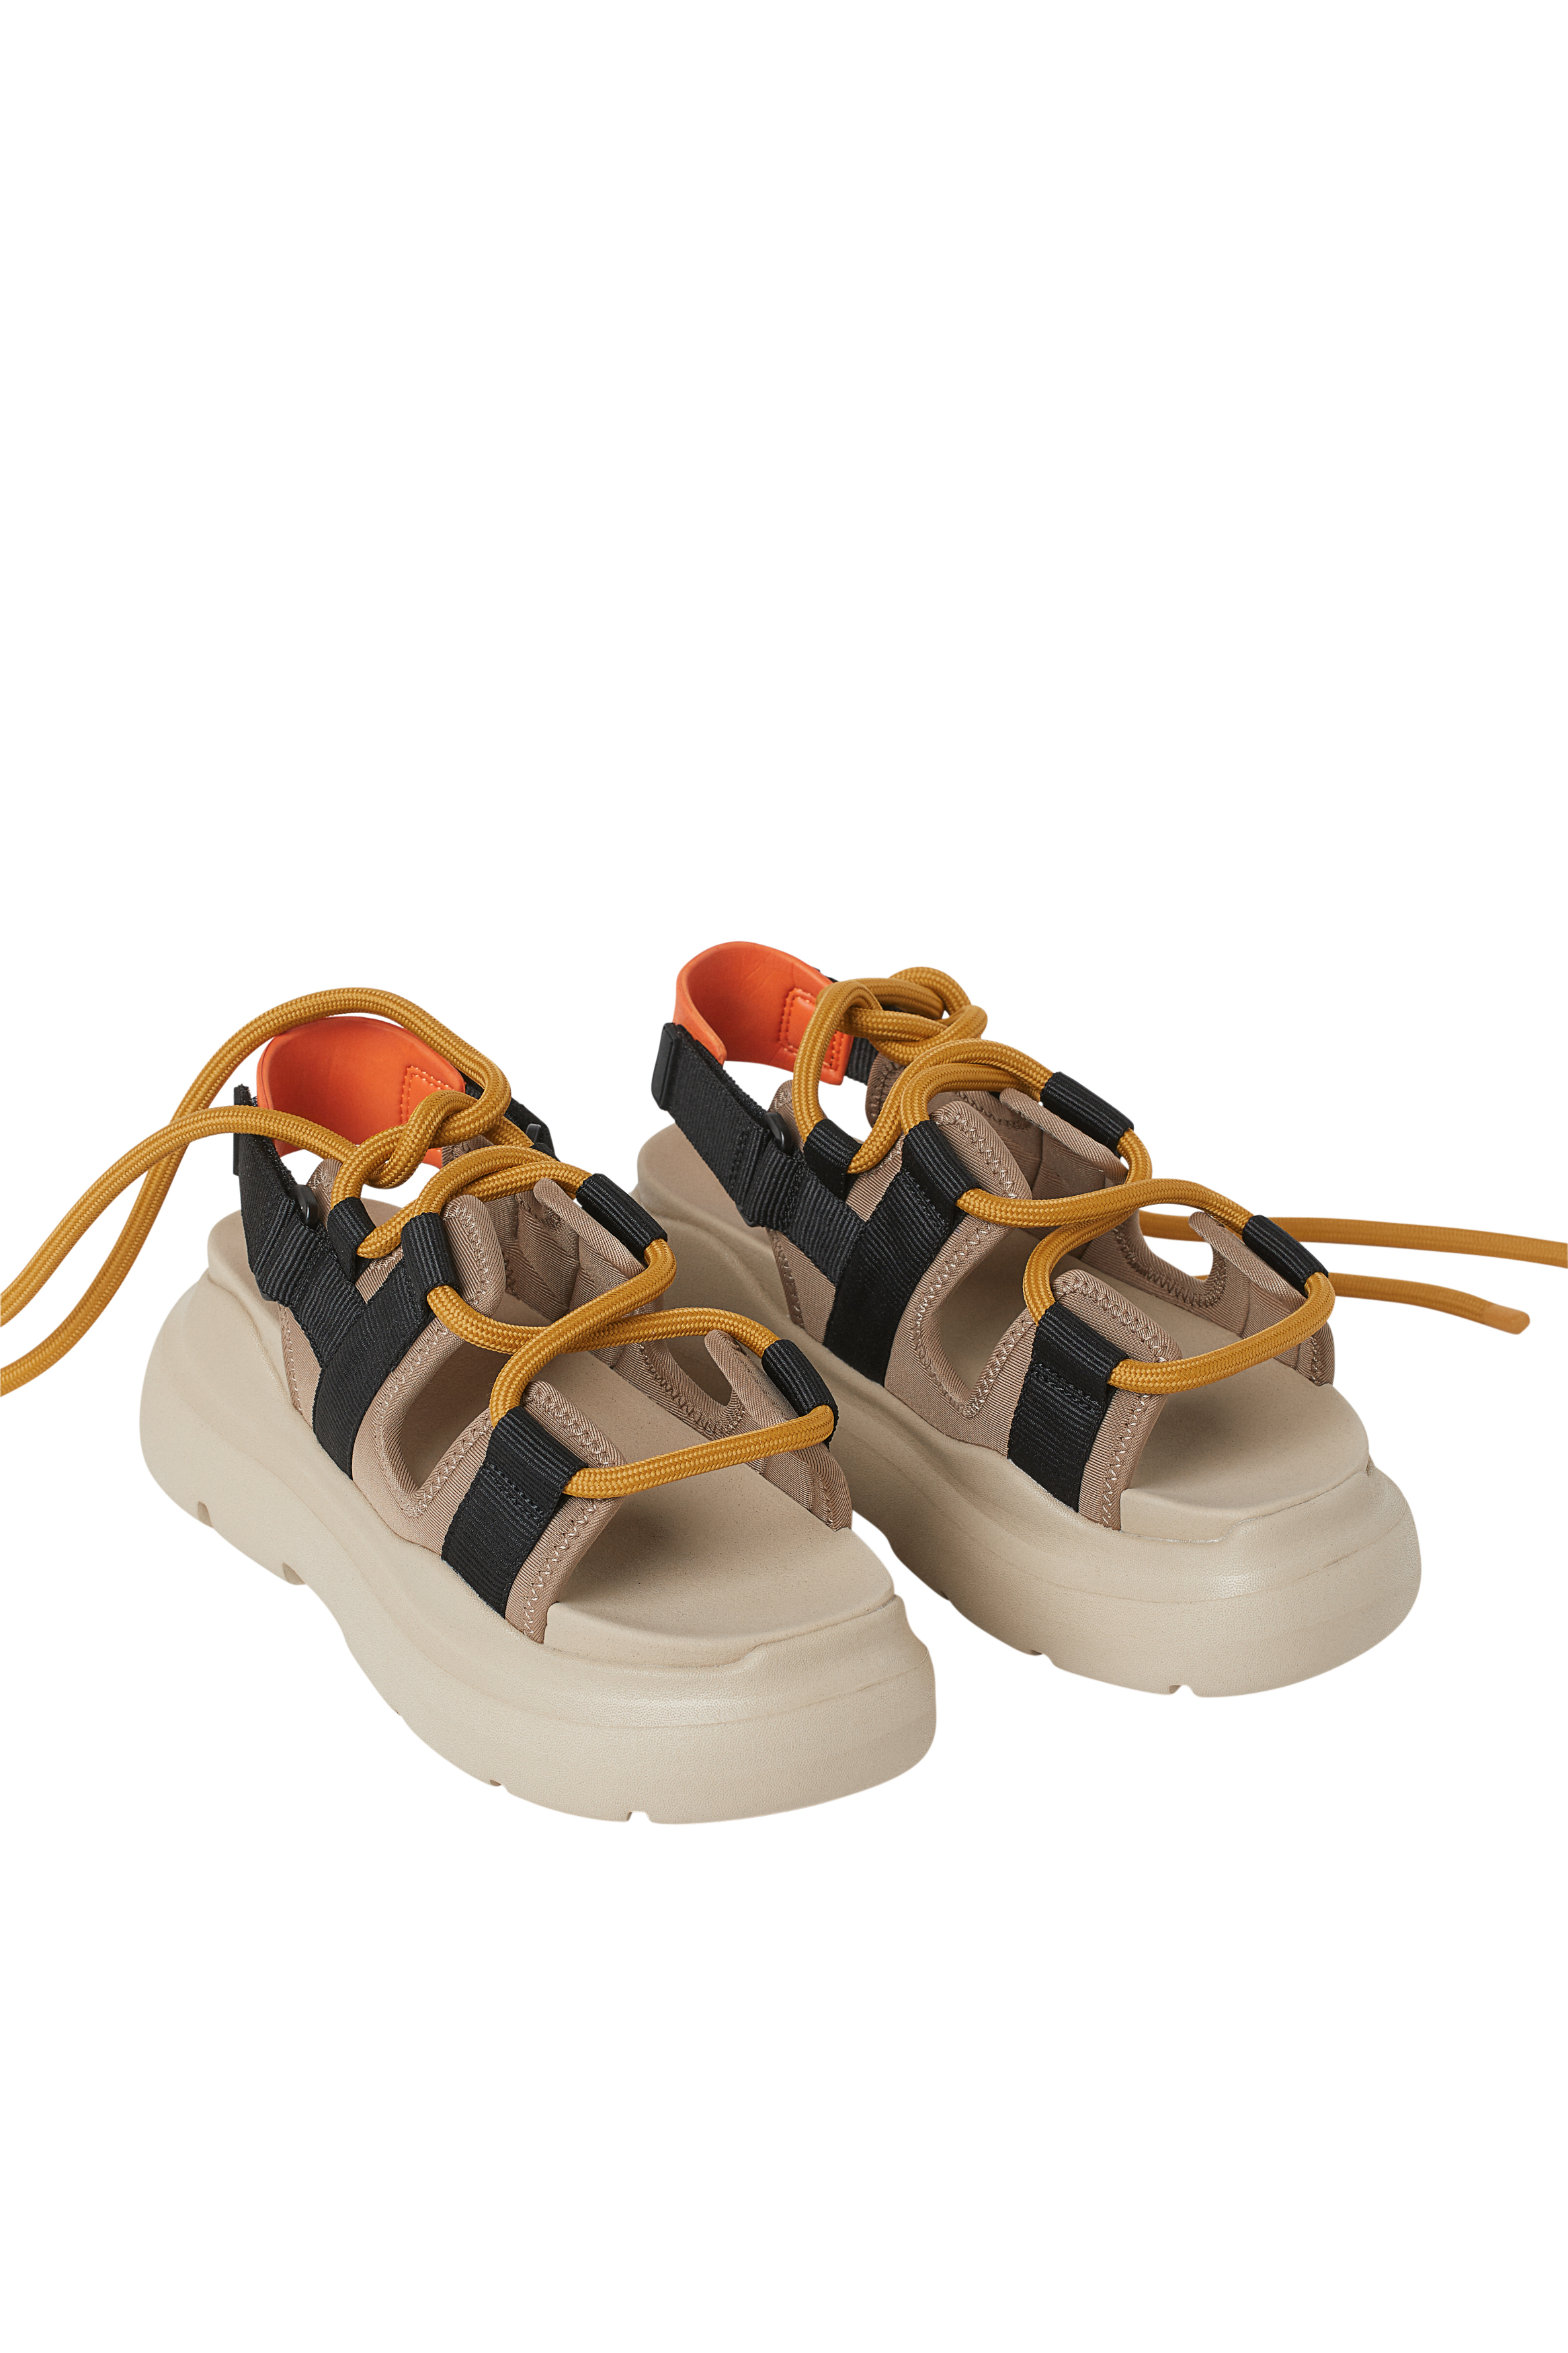 Sandalias con suela gruesa